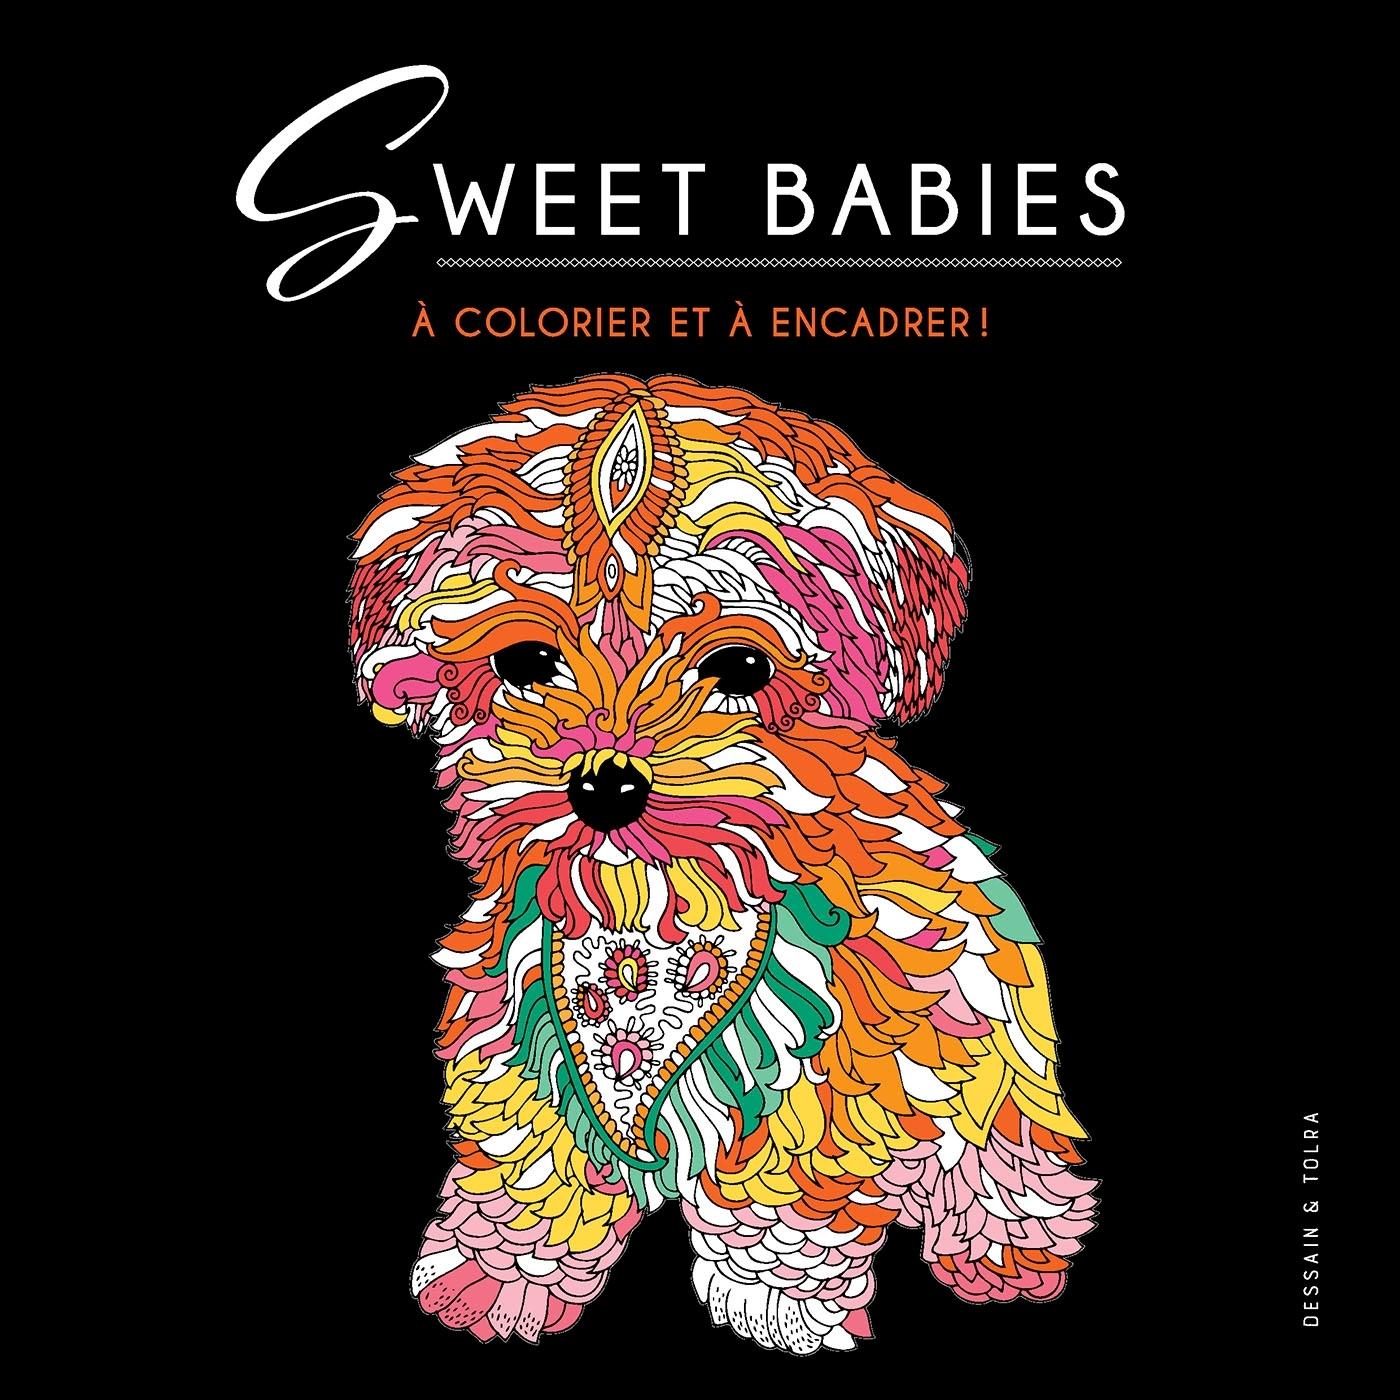 SWEET BABIES - A COLORIER ET A ENCADRER